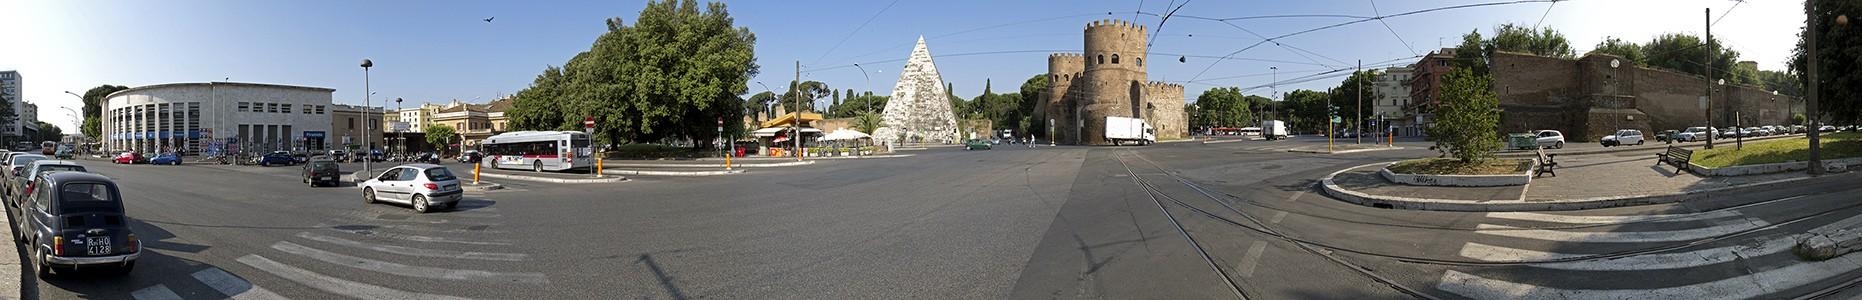 Piazzale Ostiense: Stazione Piramide, Pyramide des Caius Cestius, Porta San Paolo Rom